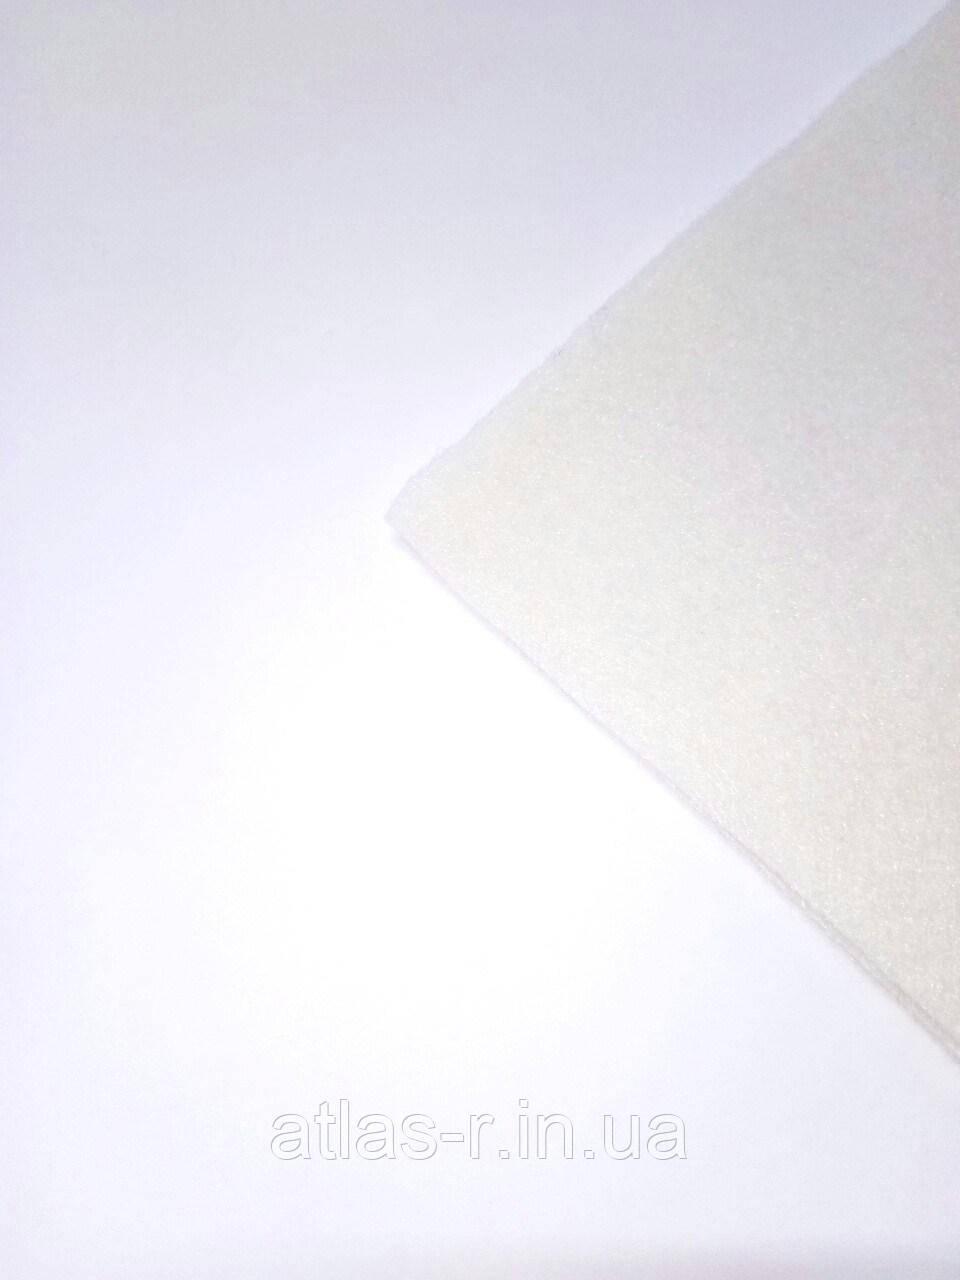 Мягкий фетр для рукоделия айвори листовой 1,3 мм